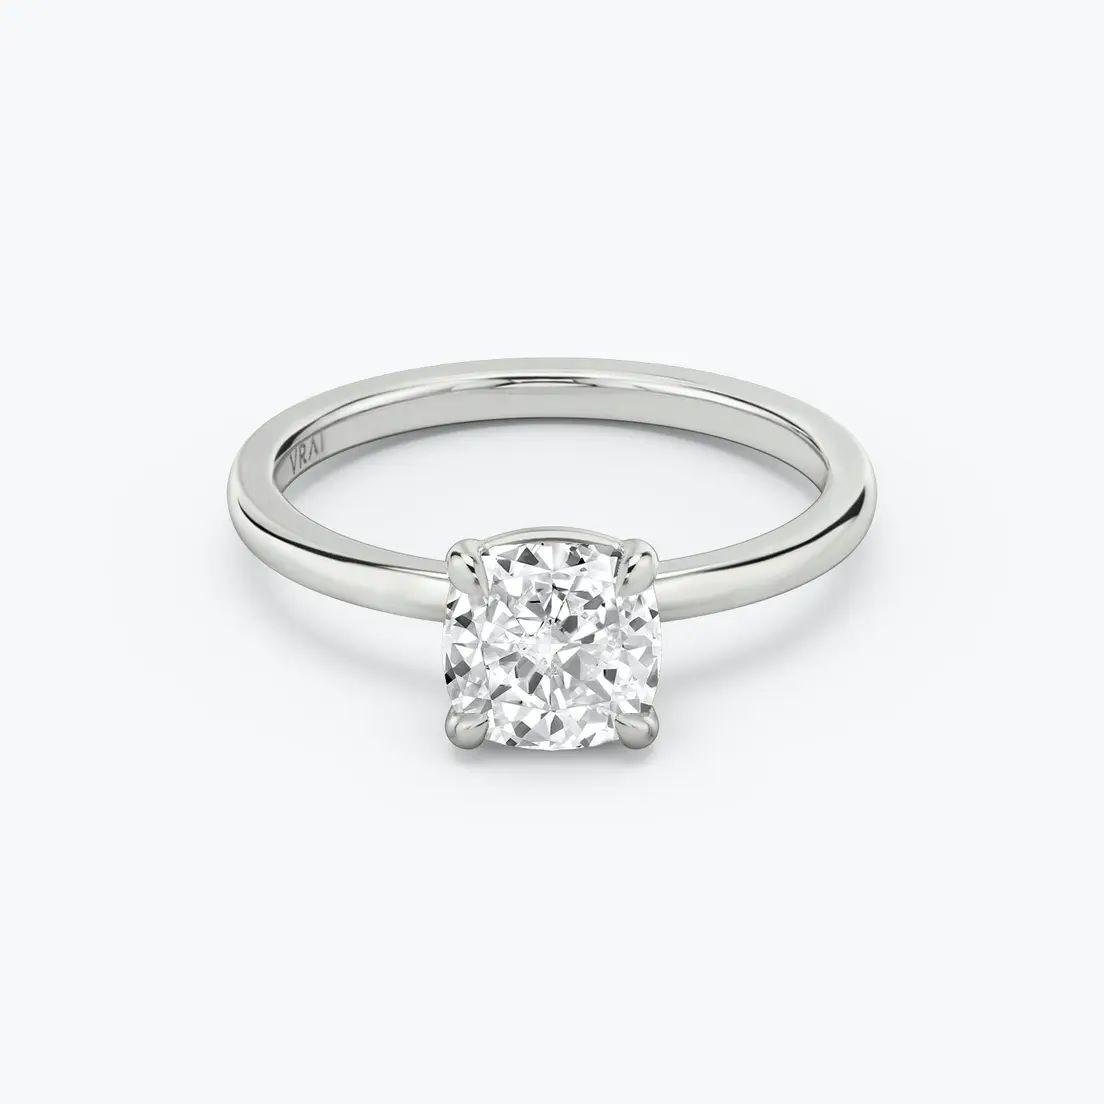 Vrai The Signature Engagement Ring